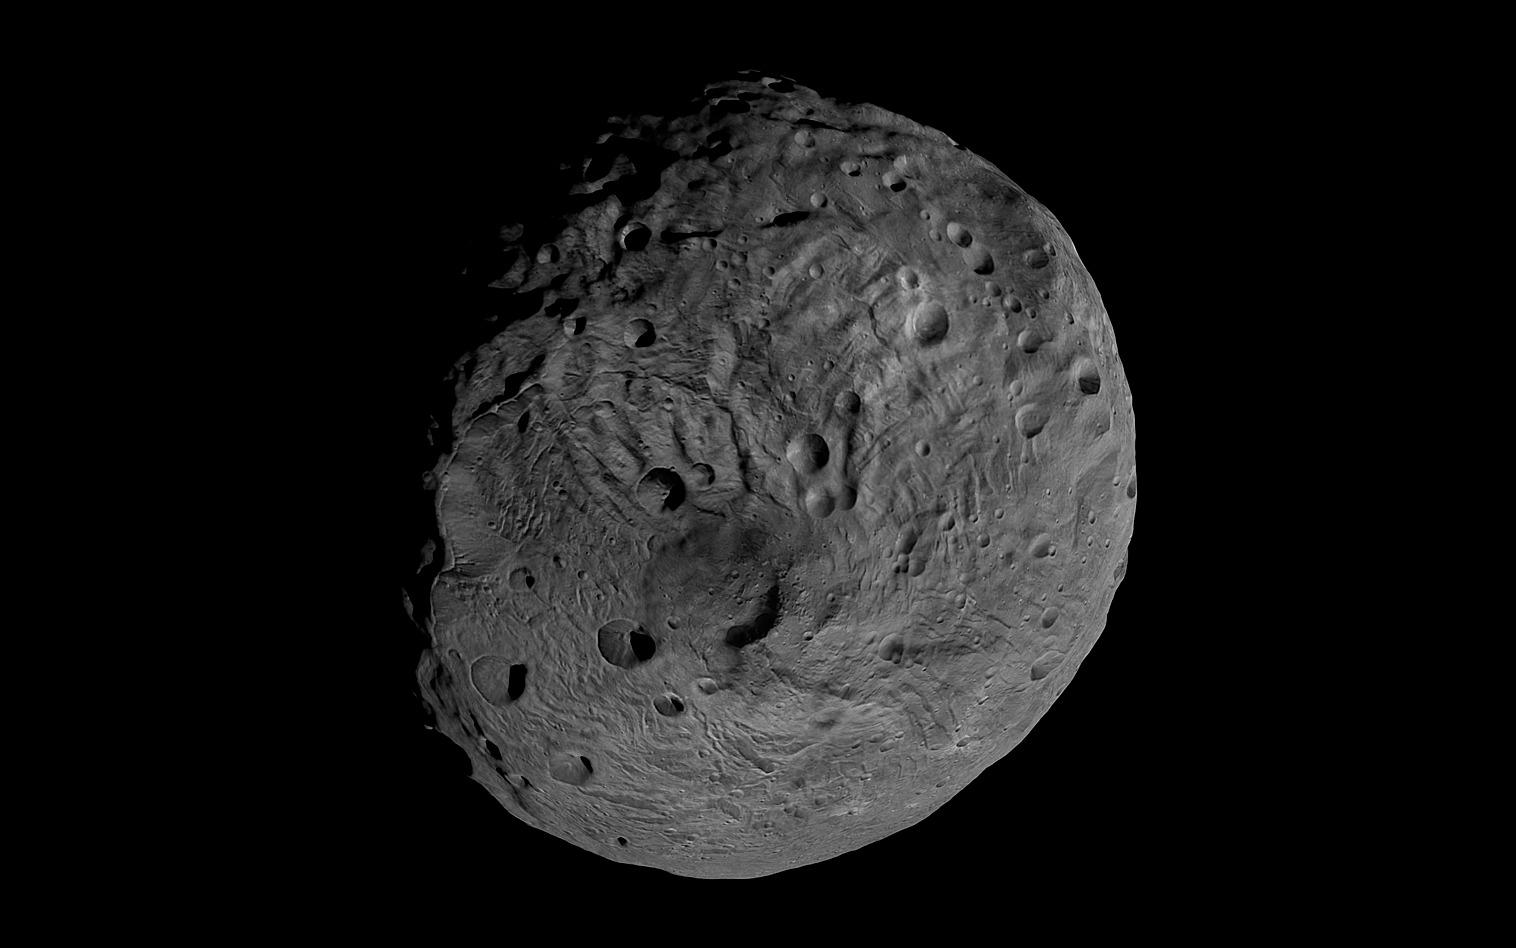 Asteroide Bennu genera intriga en la NASA por extraña anomalía en el polvo expulsado mientras viaja